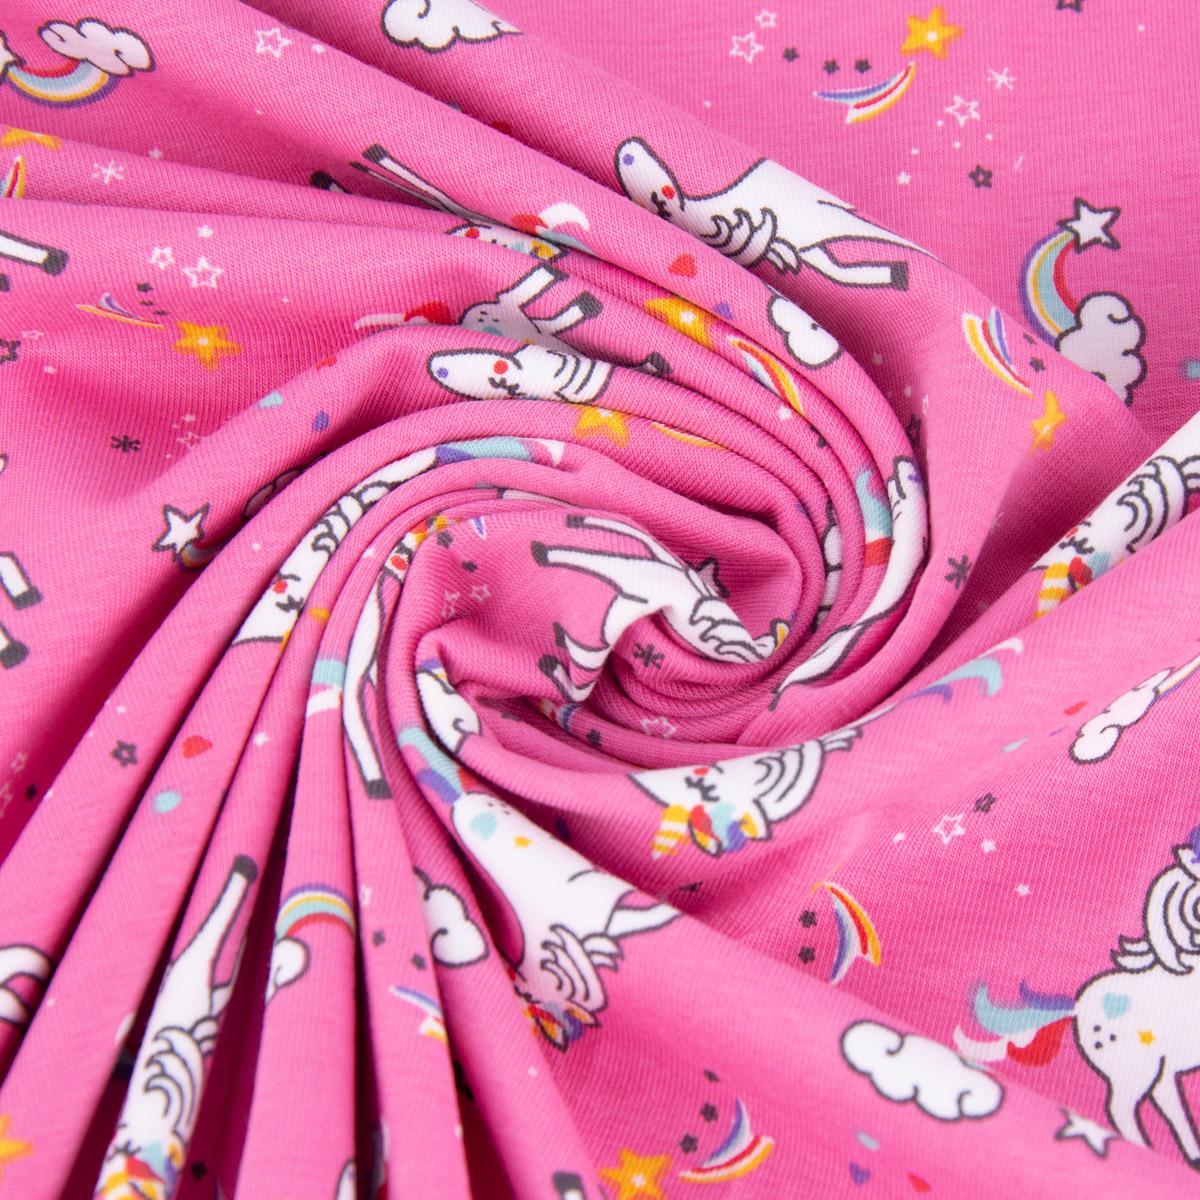 Jersey mit Einhörnern pink